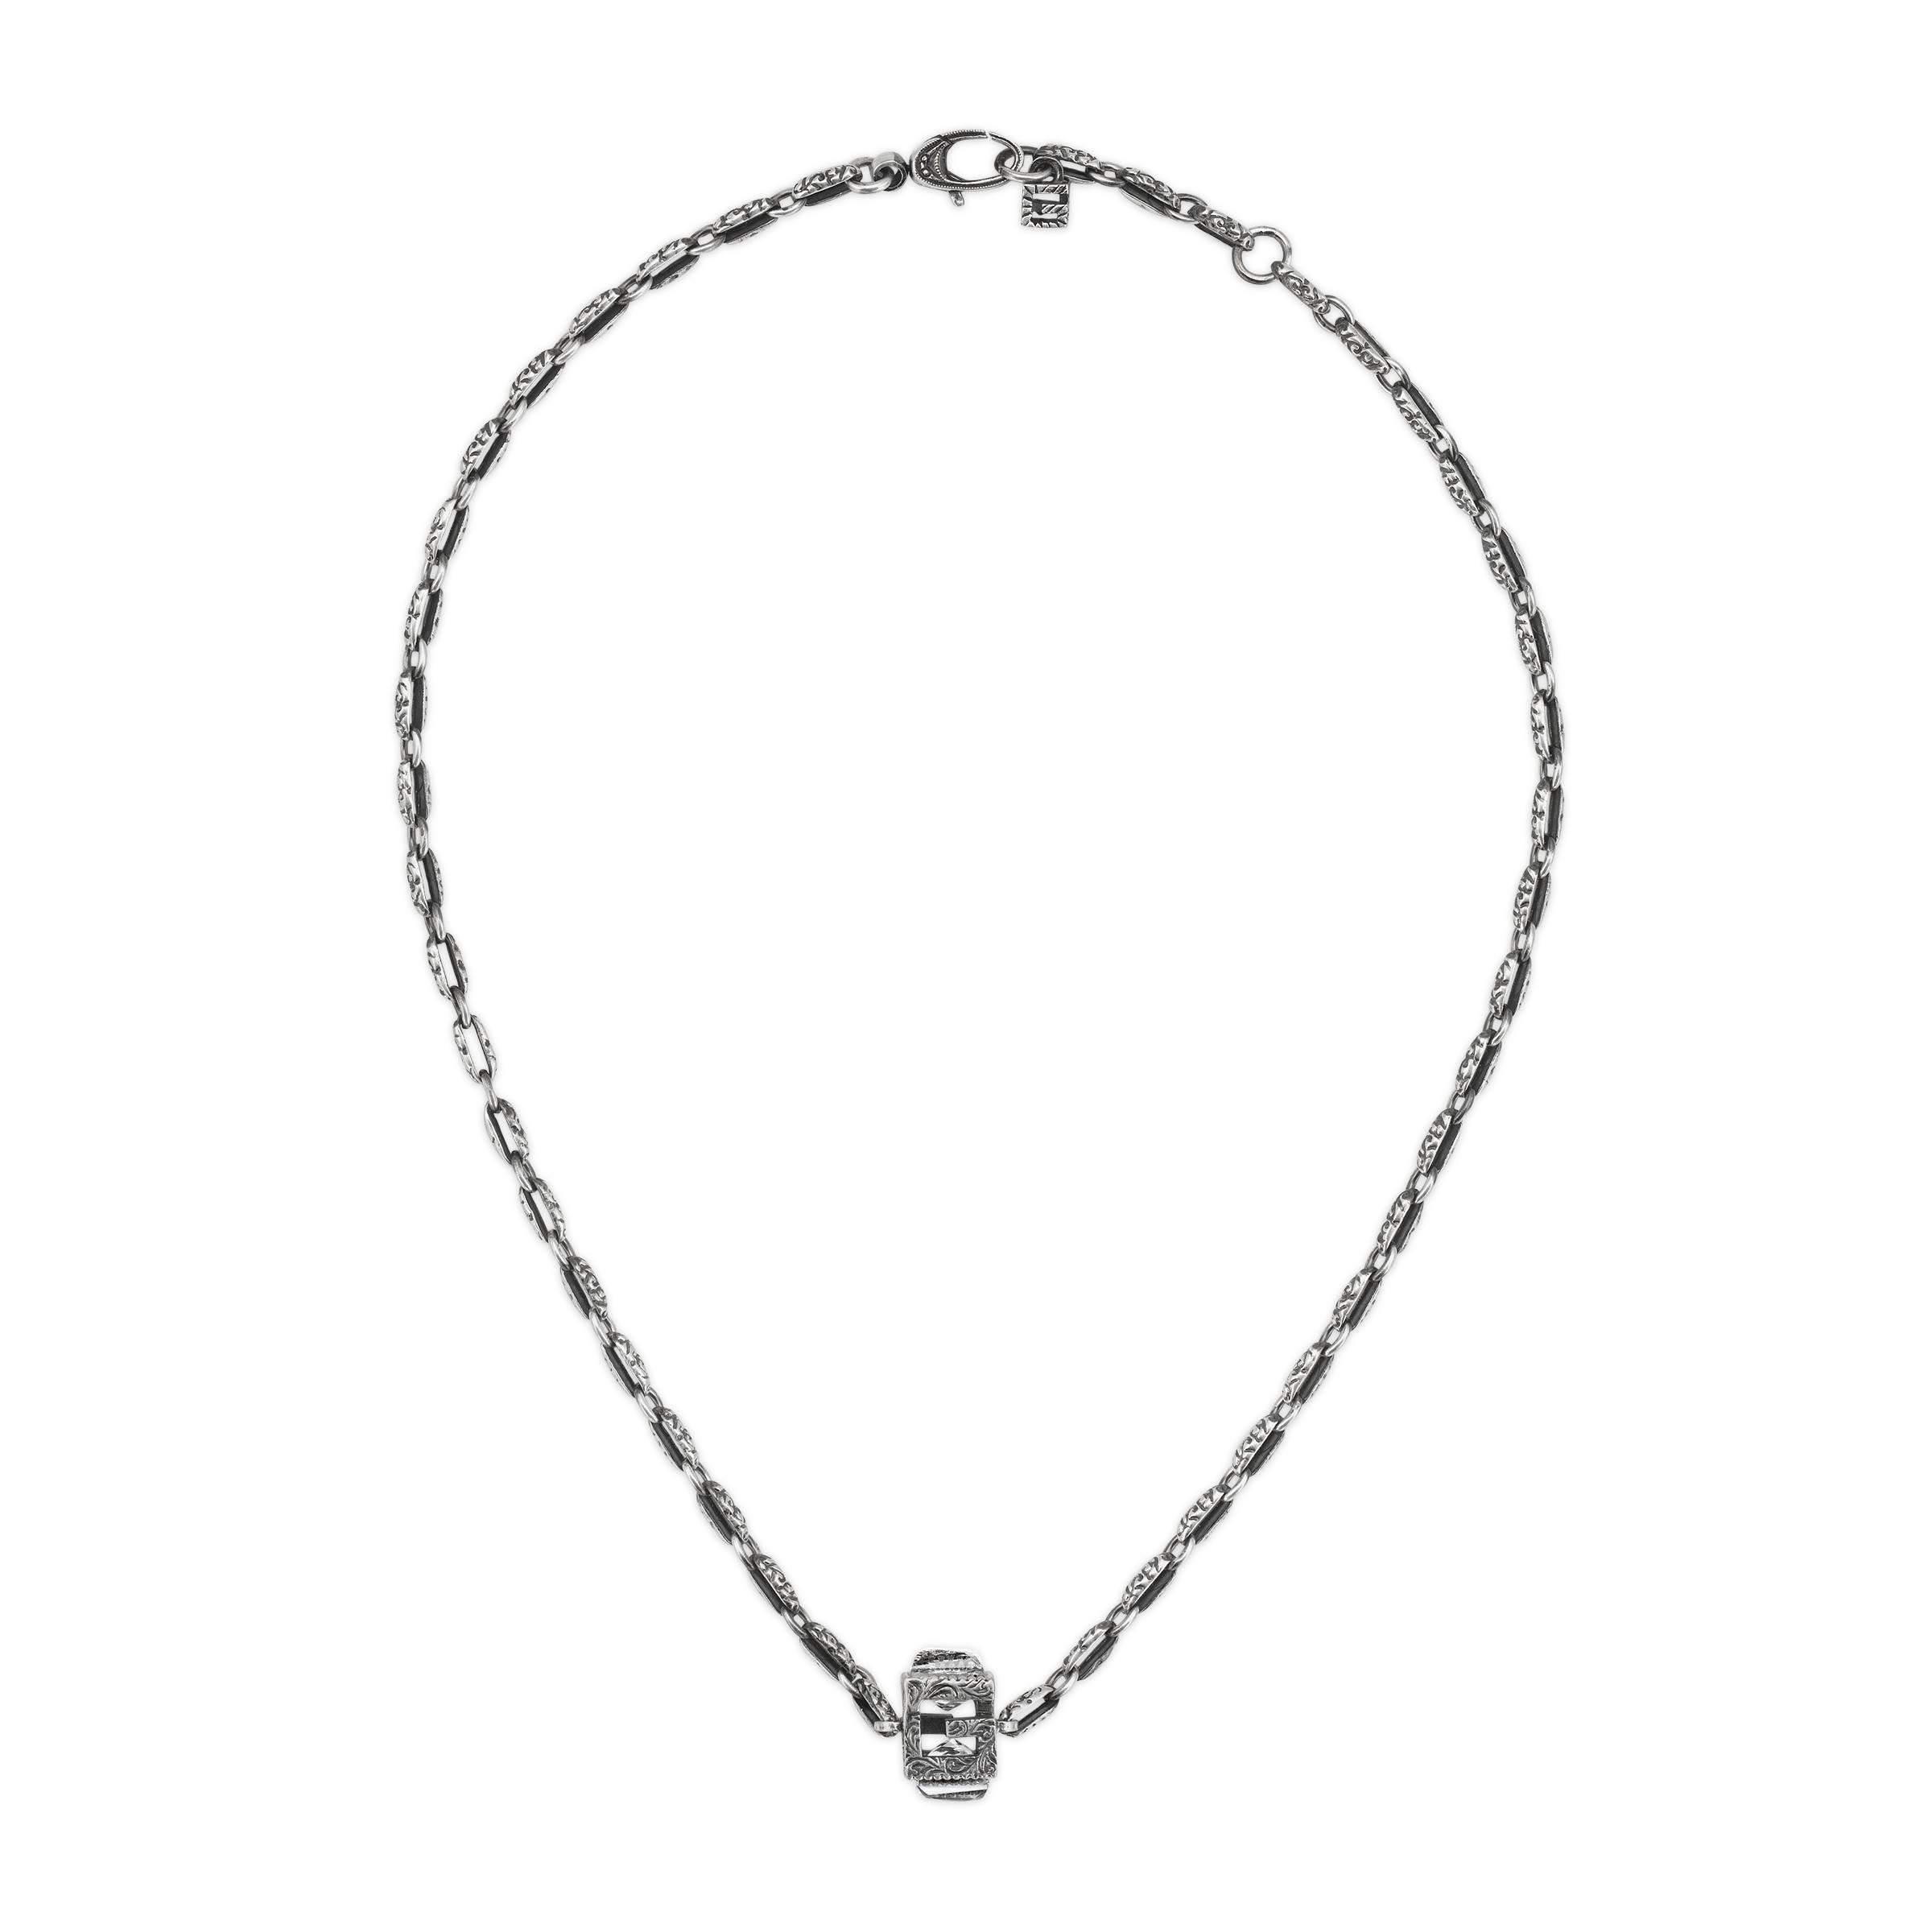 c7c4a1bcb6d6 Lyst - Collar de Plata con Cubo de G Cuadrada Gucci de color Metálico